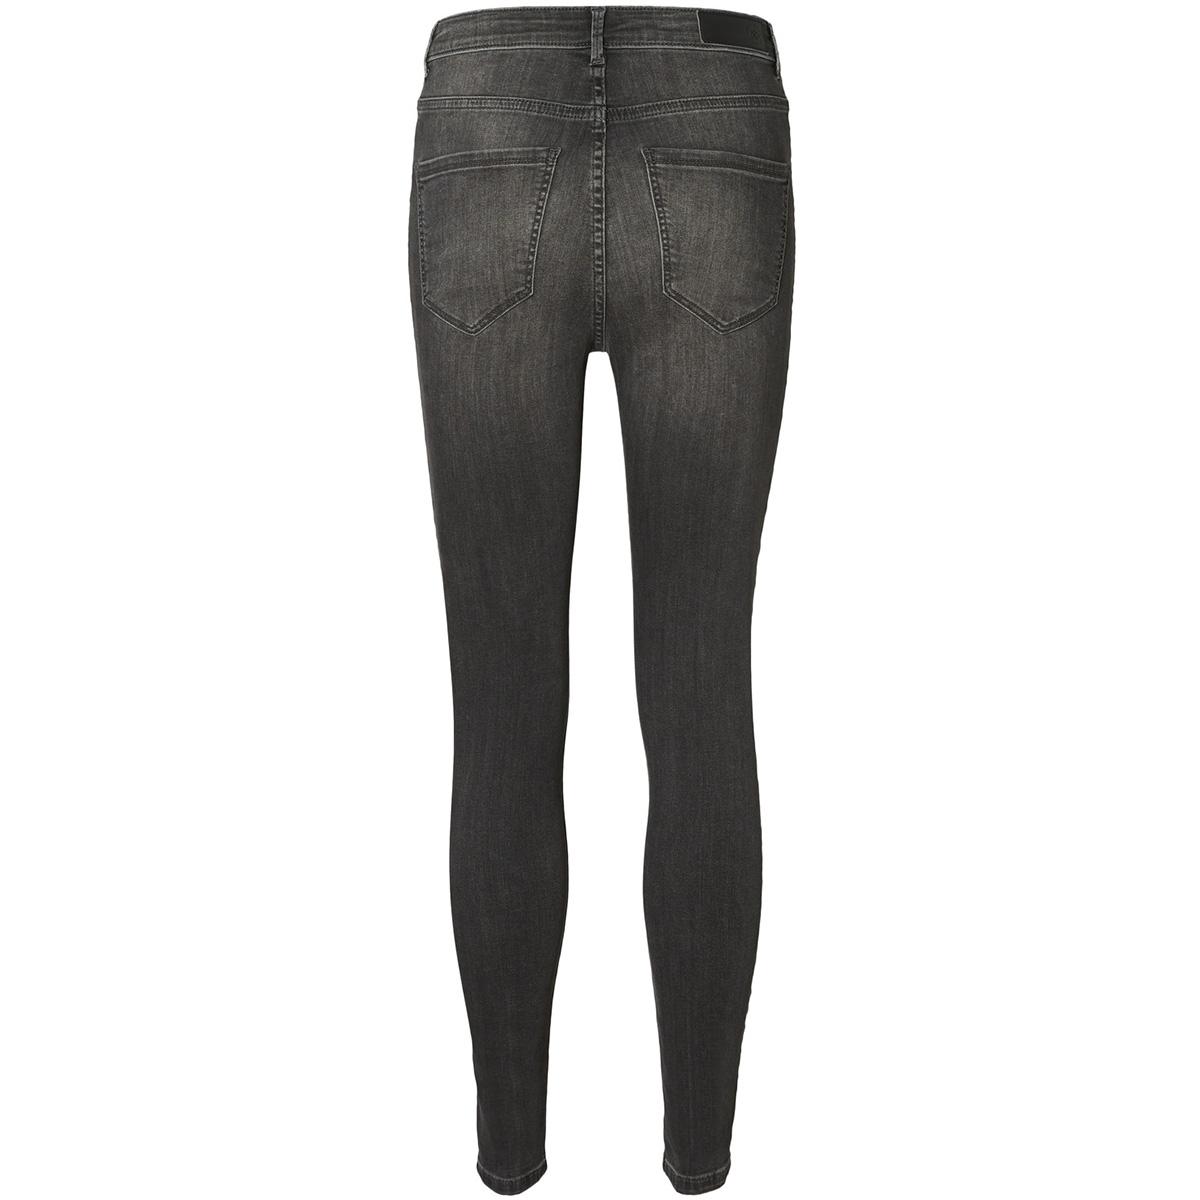 vmsophia hr skinny jeans am203 noos 10201804 vero moda jeans dark gray denim